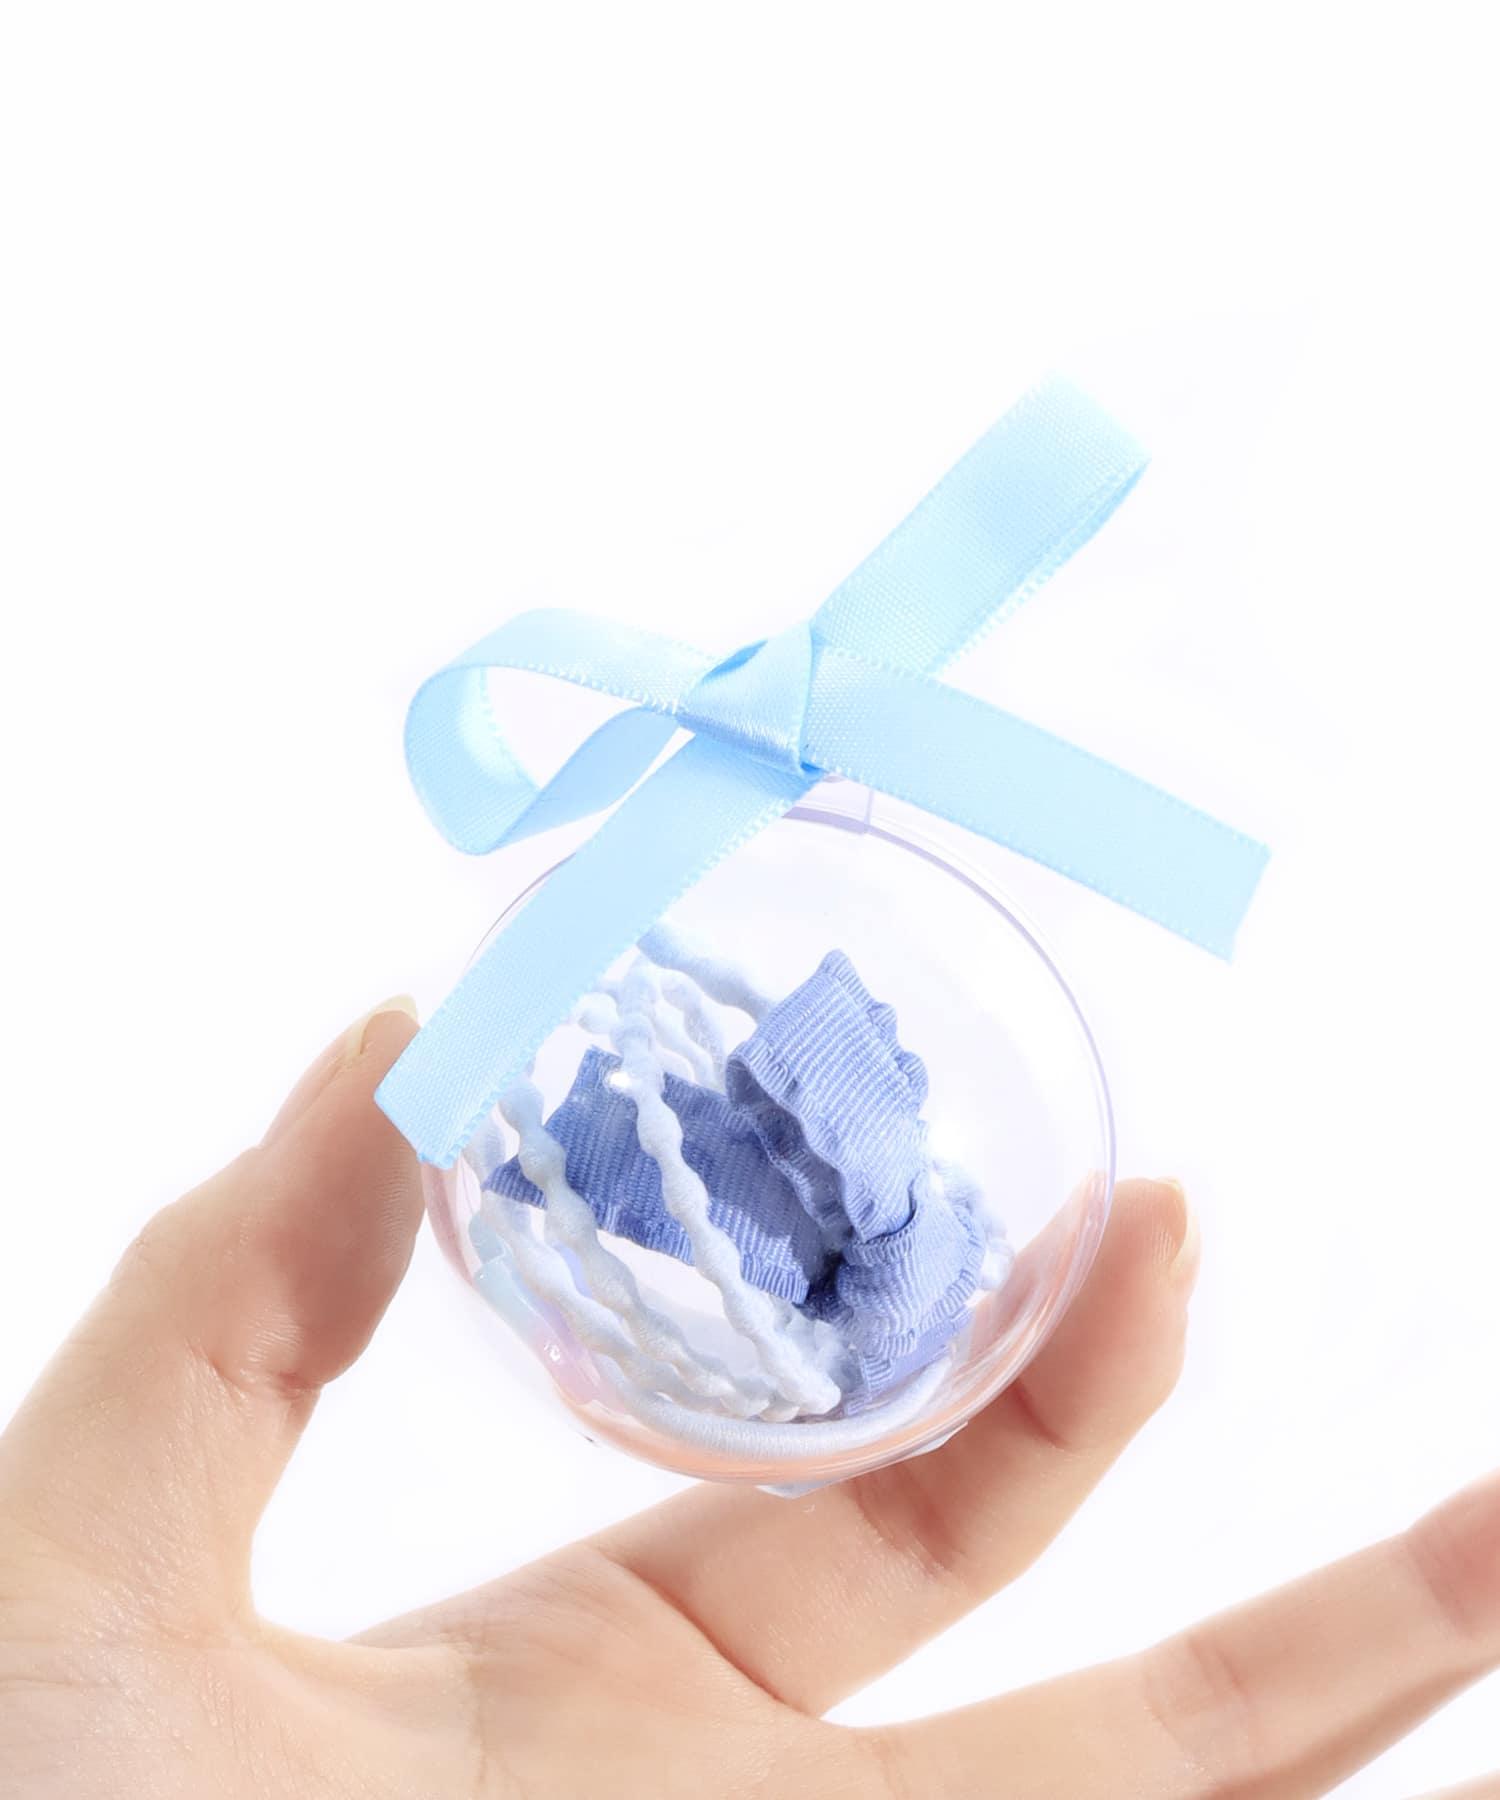 ASOKO(アソコ) メンズ カプセルリボンヘアゴム ブルー